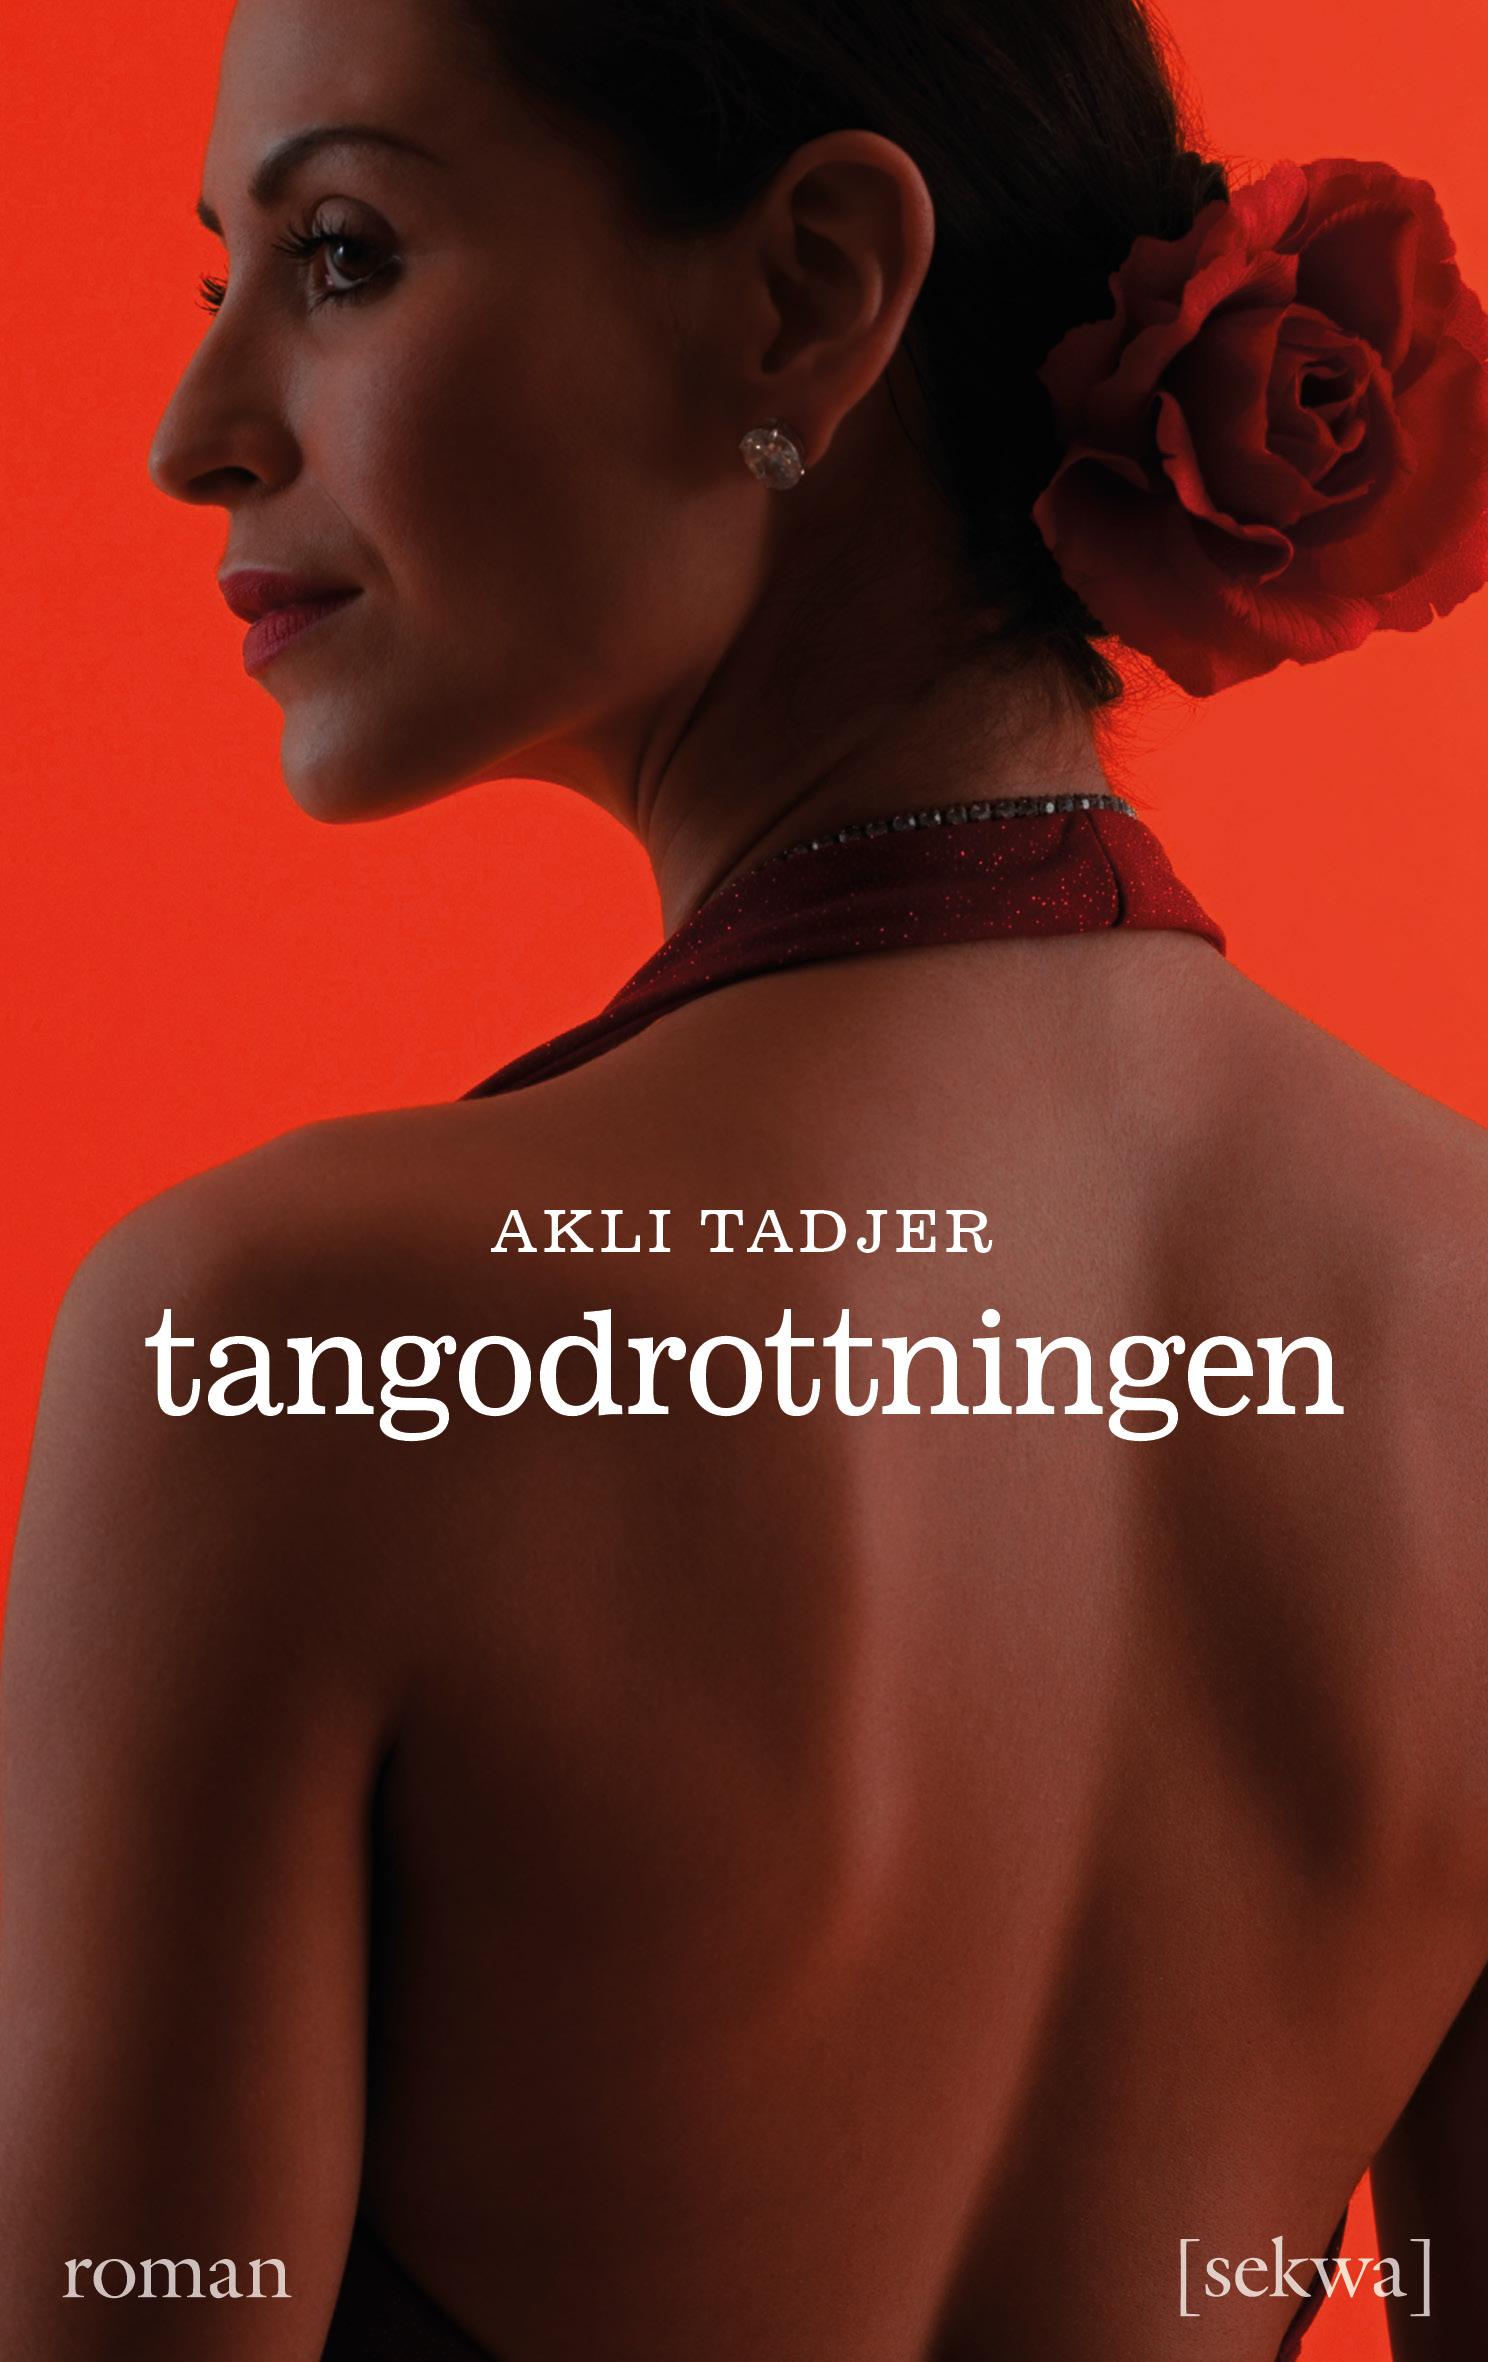 Akli Tadjer: Tangodrottningen